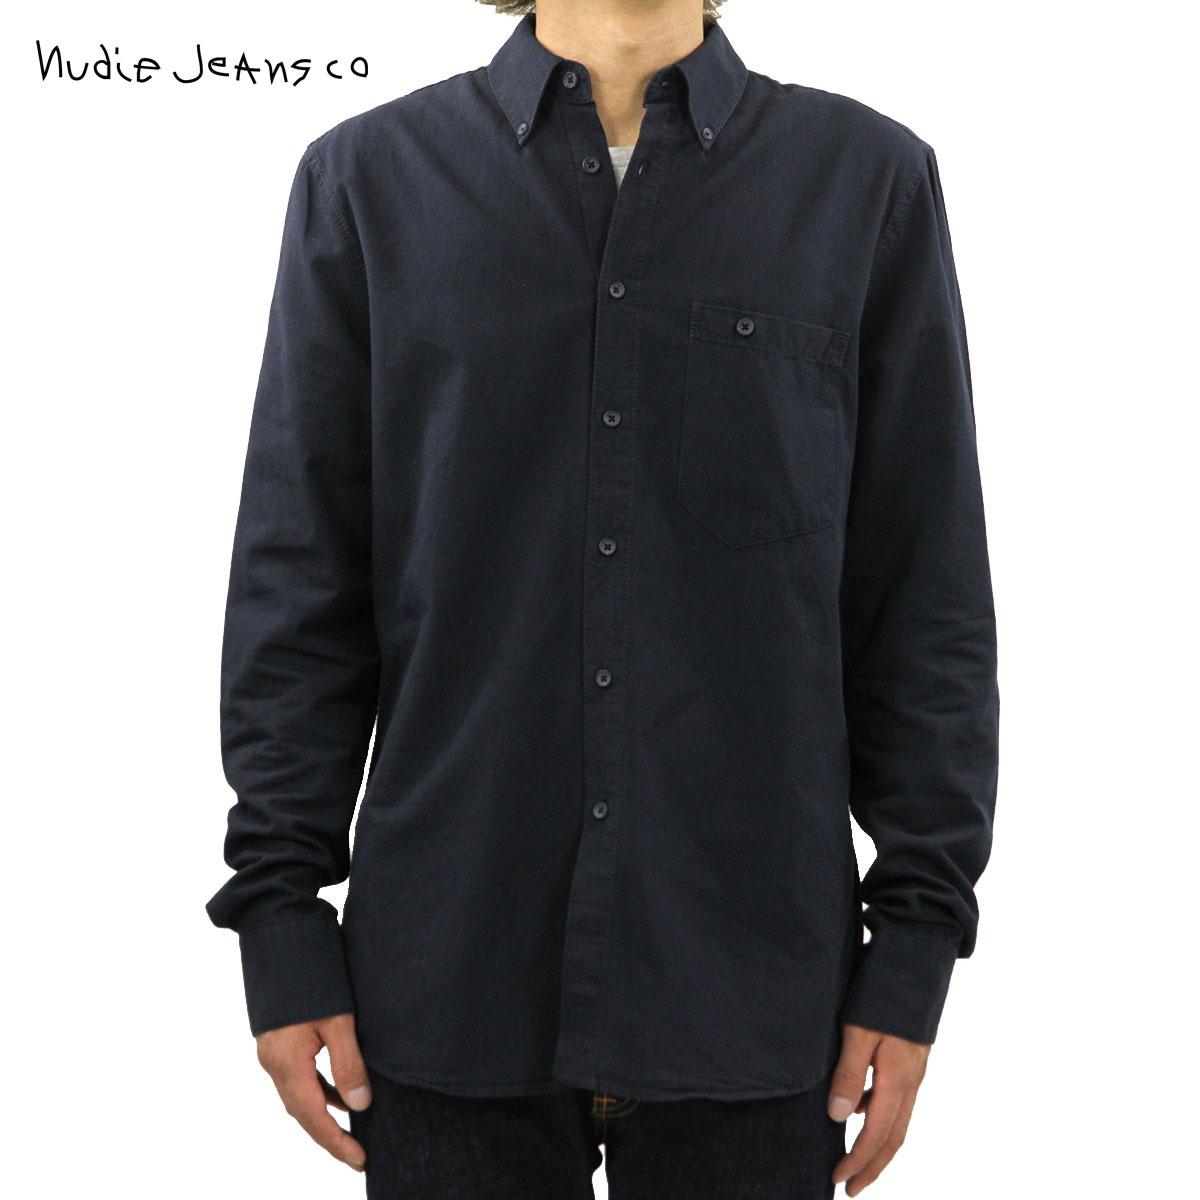 ヌーディージーンズ Nudie Jeans 正規販売店 メンズ 長袖シャツ Stanley B68 Indigoblack 140431 D00S20